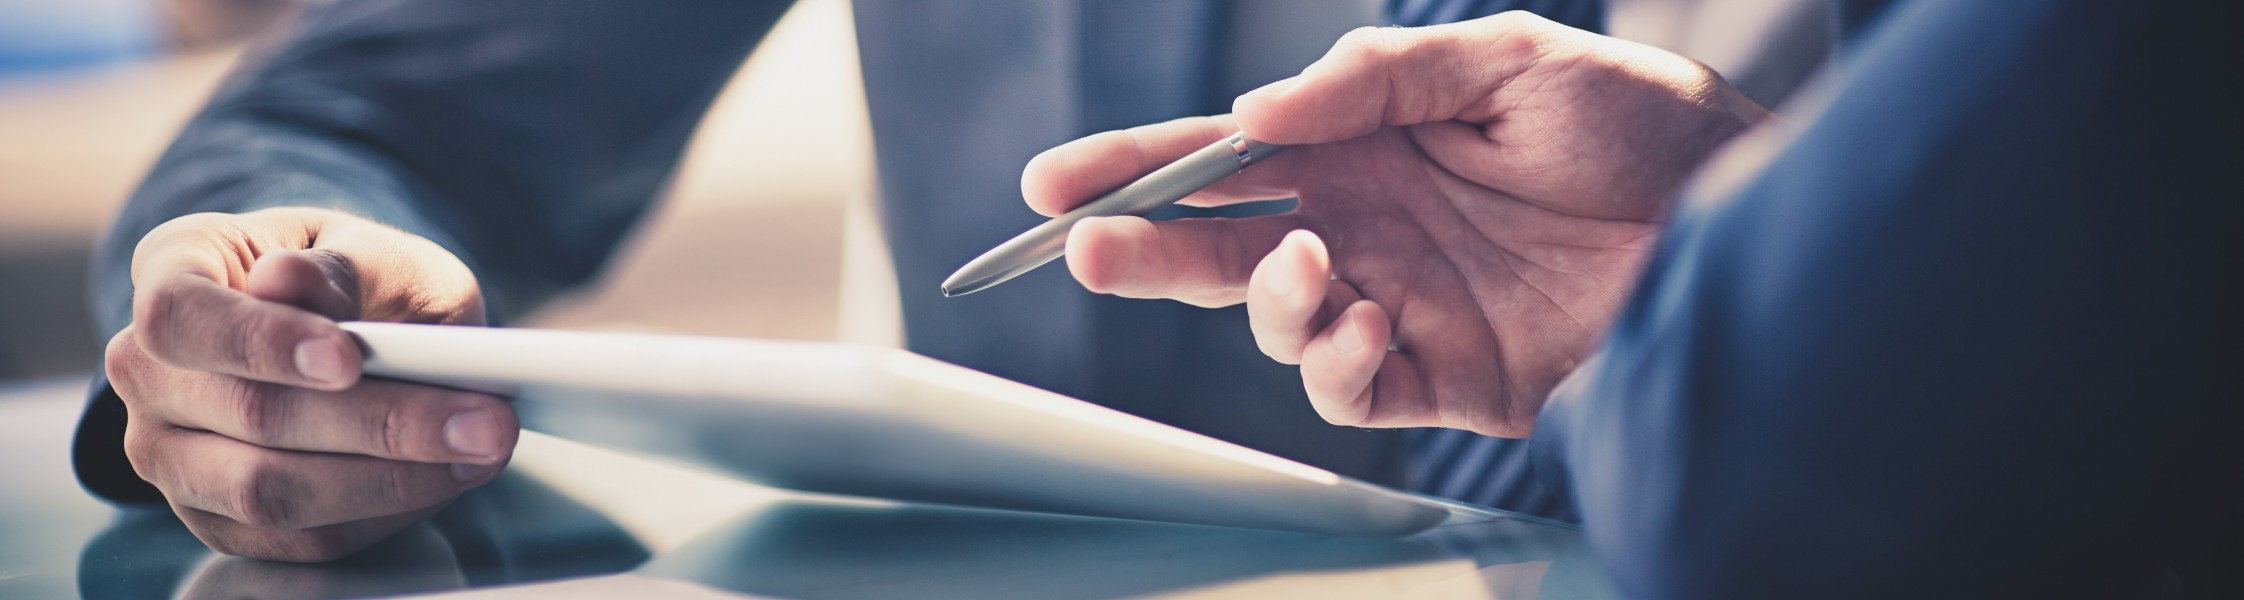 153 документа, которые чиновникам запрещено требовать у бизнесменов